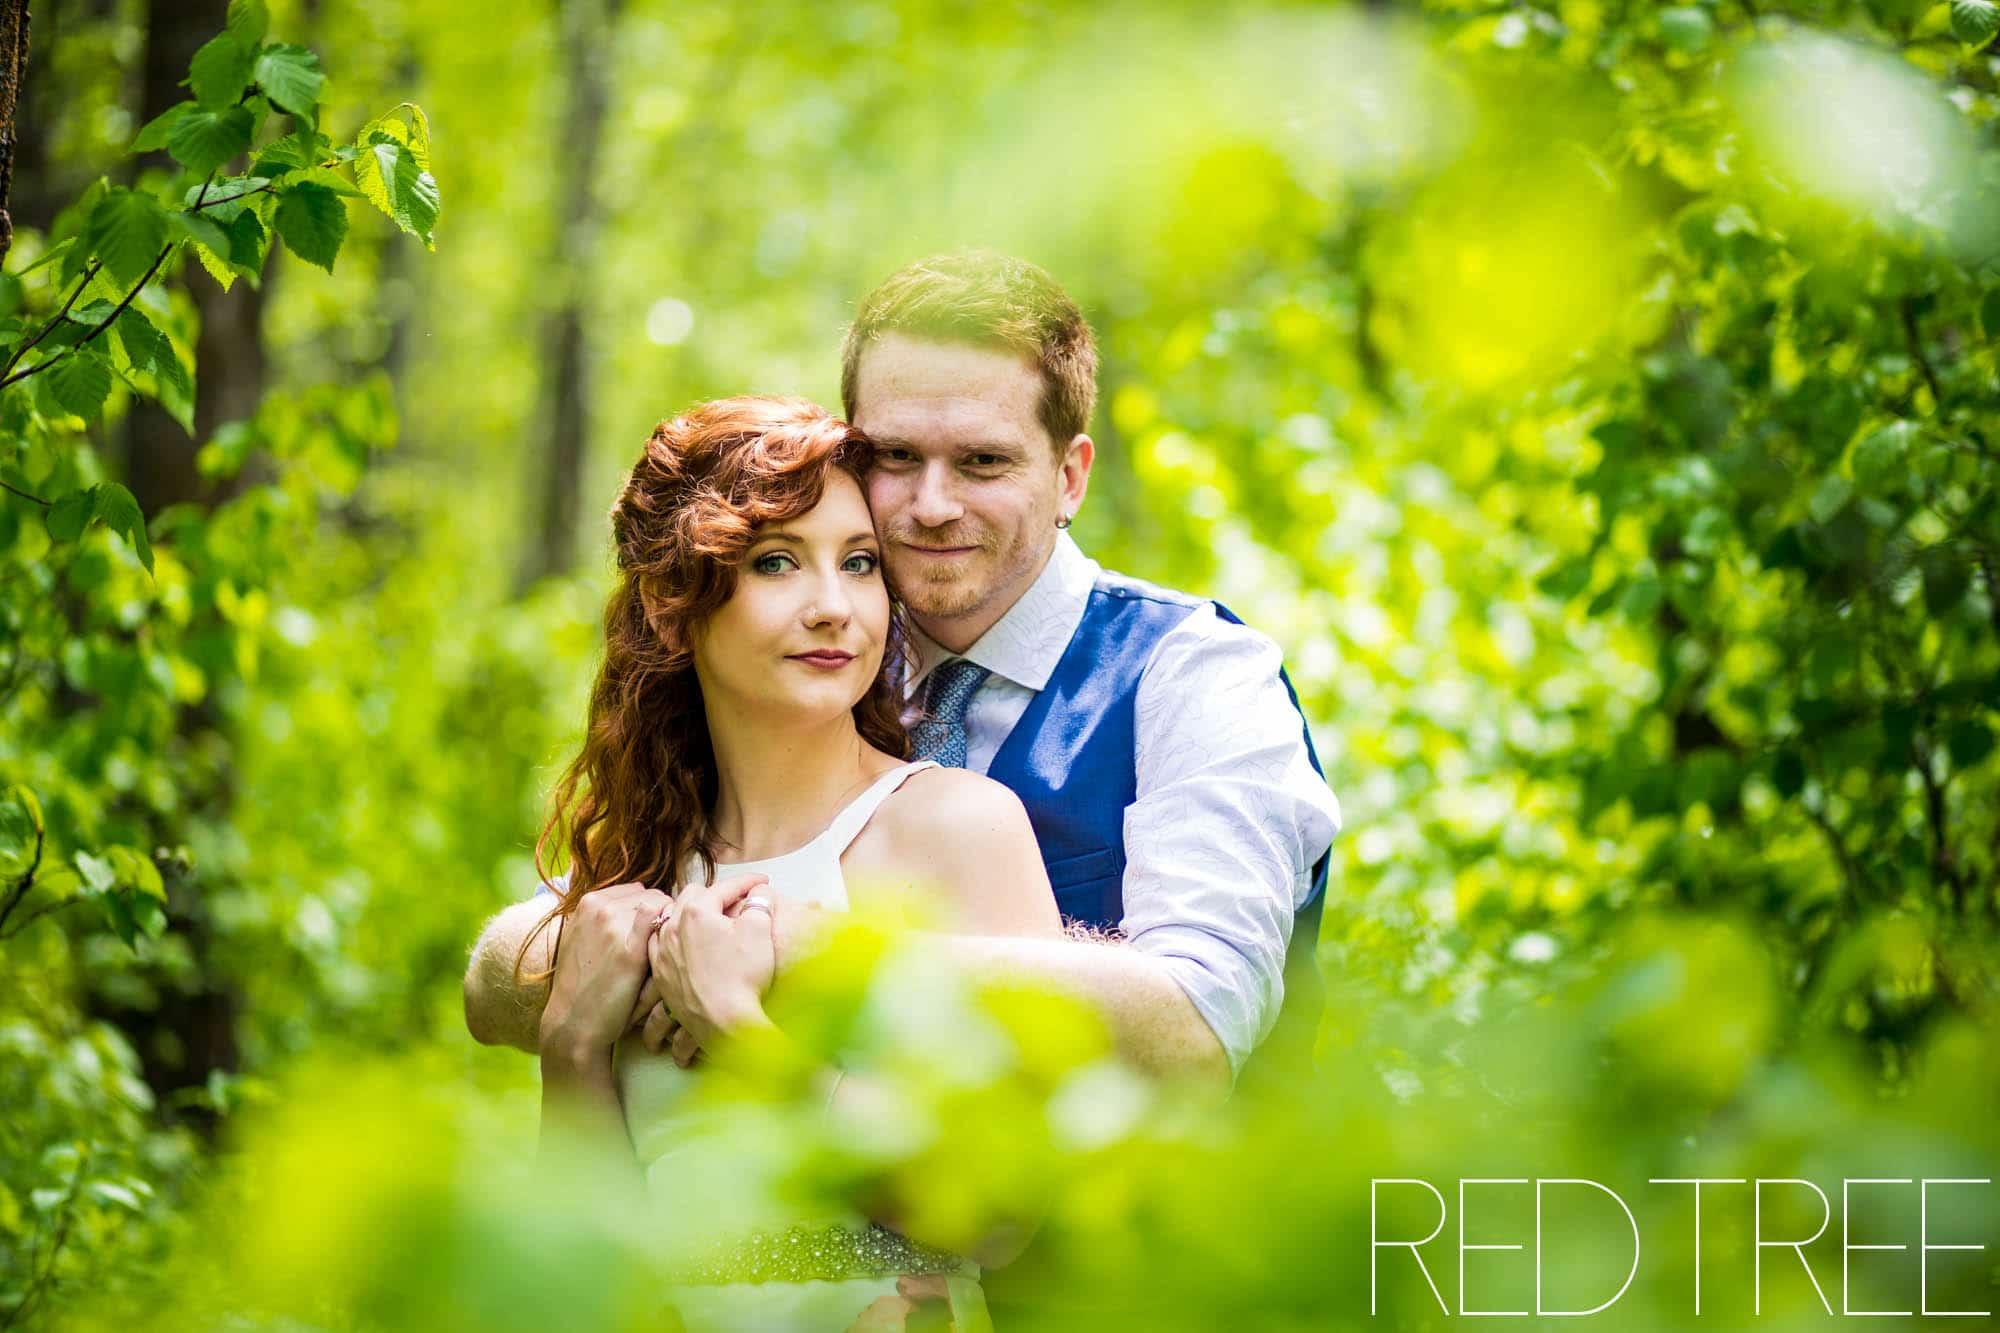 Covid Backyard Wedding: Edmonton Wedding Photographer